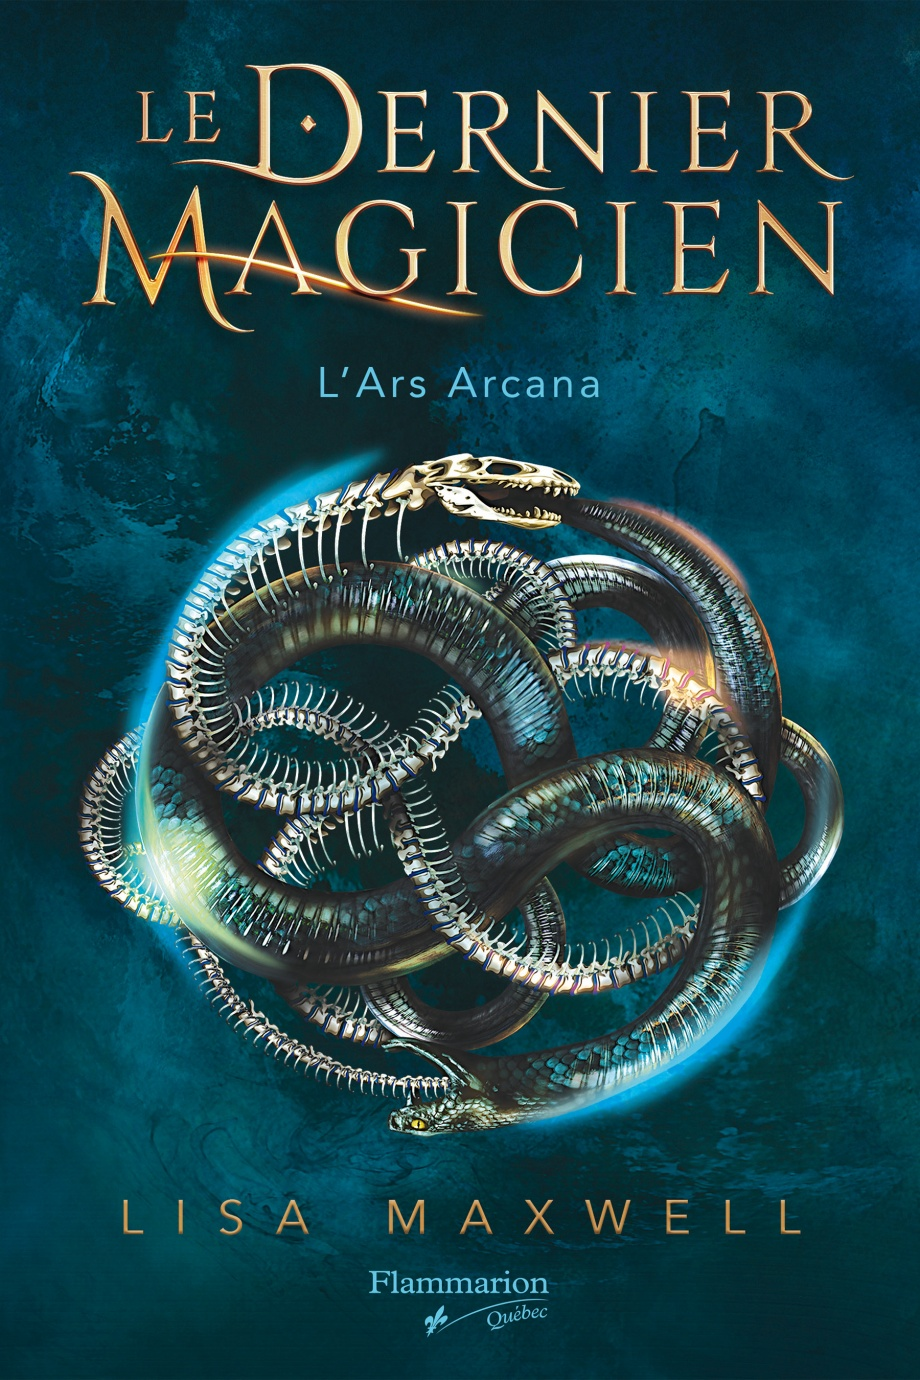 Le dernier magicien T.1 : L'ars arcana de Lisa Maxwell